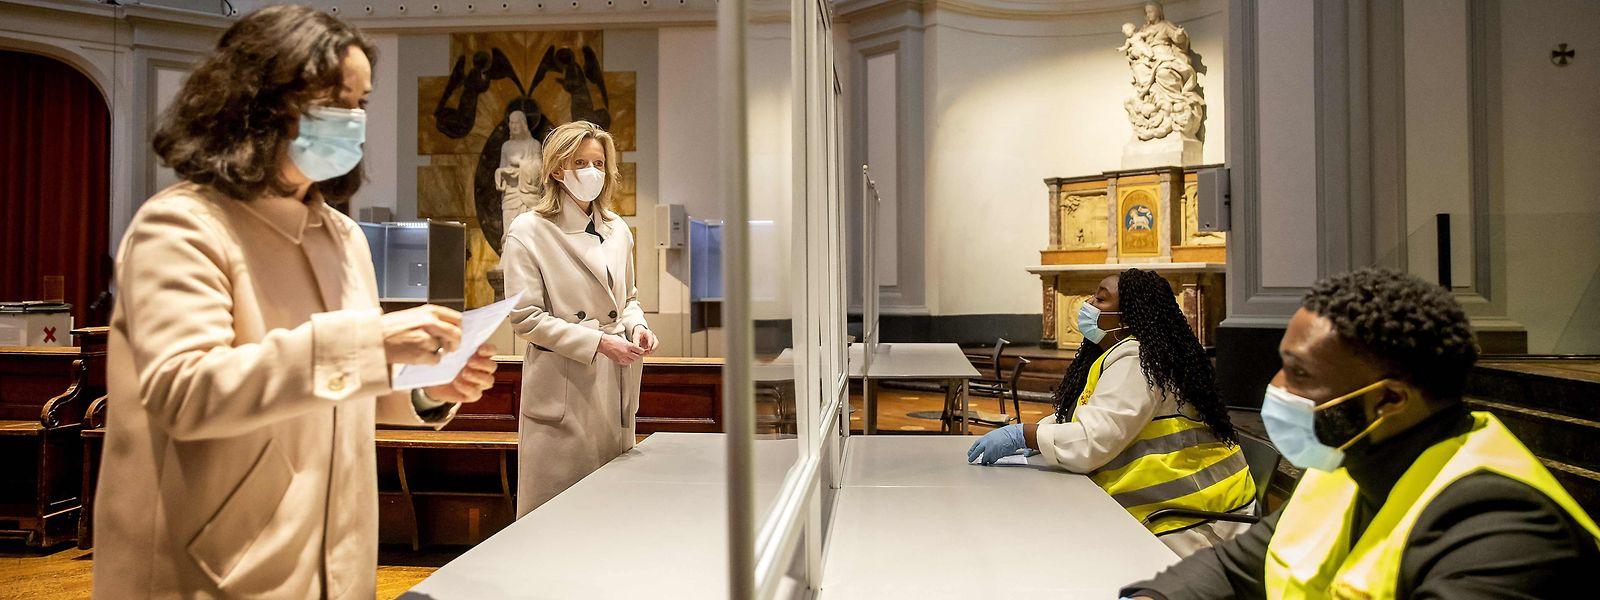 Países Baixos elegem um novo Governo na próxima semana, após a demissão do atual, presidido por Mark Rutte.